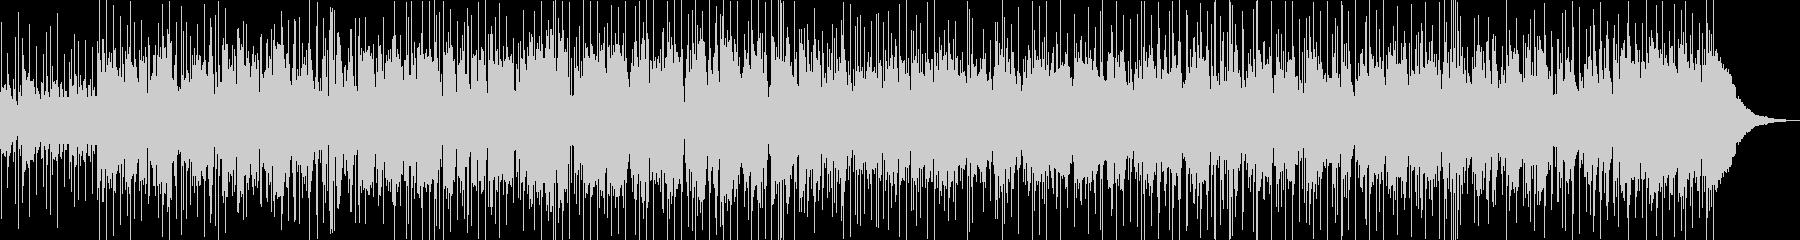 【生演奏】サックスの爽やかスムースジャズの未再生の波形